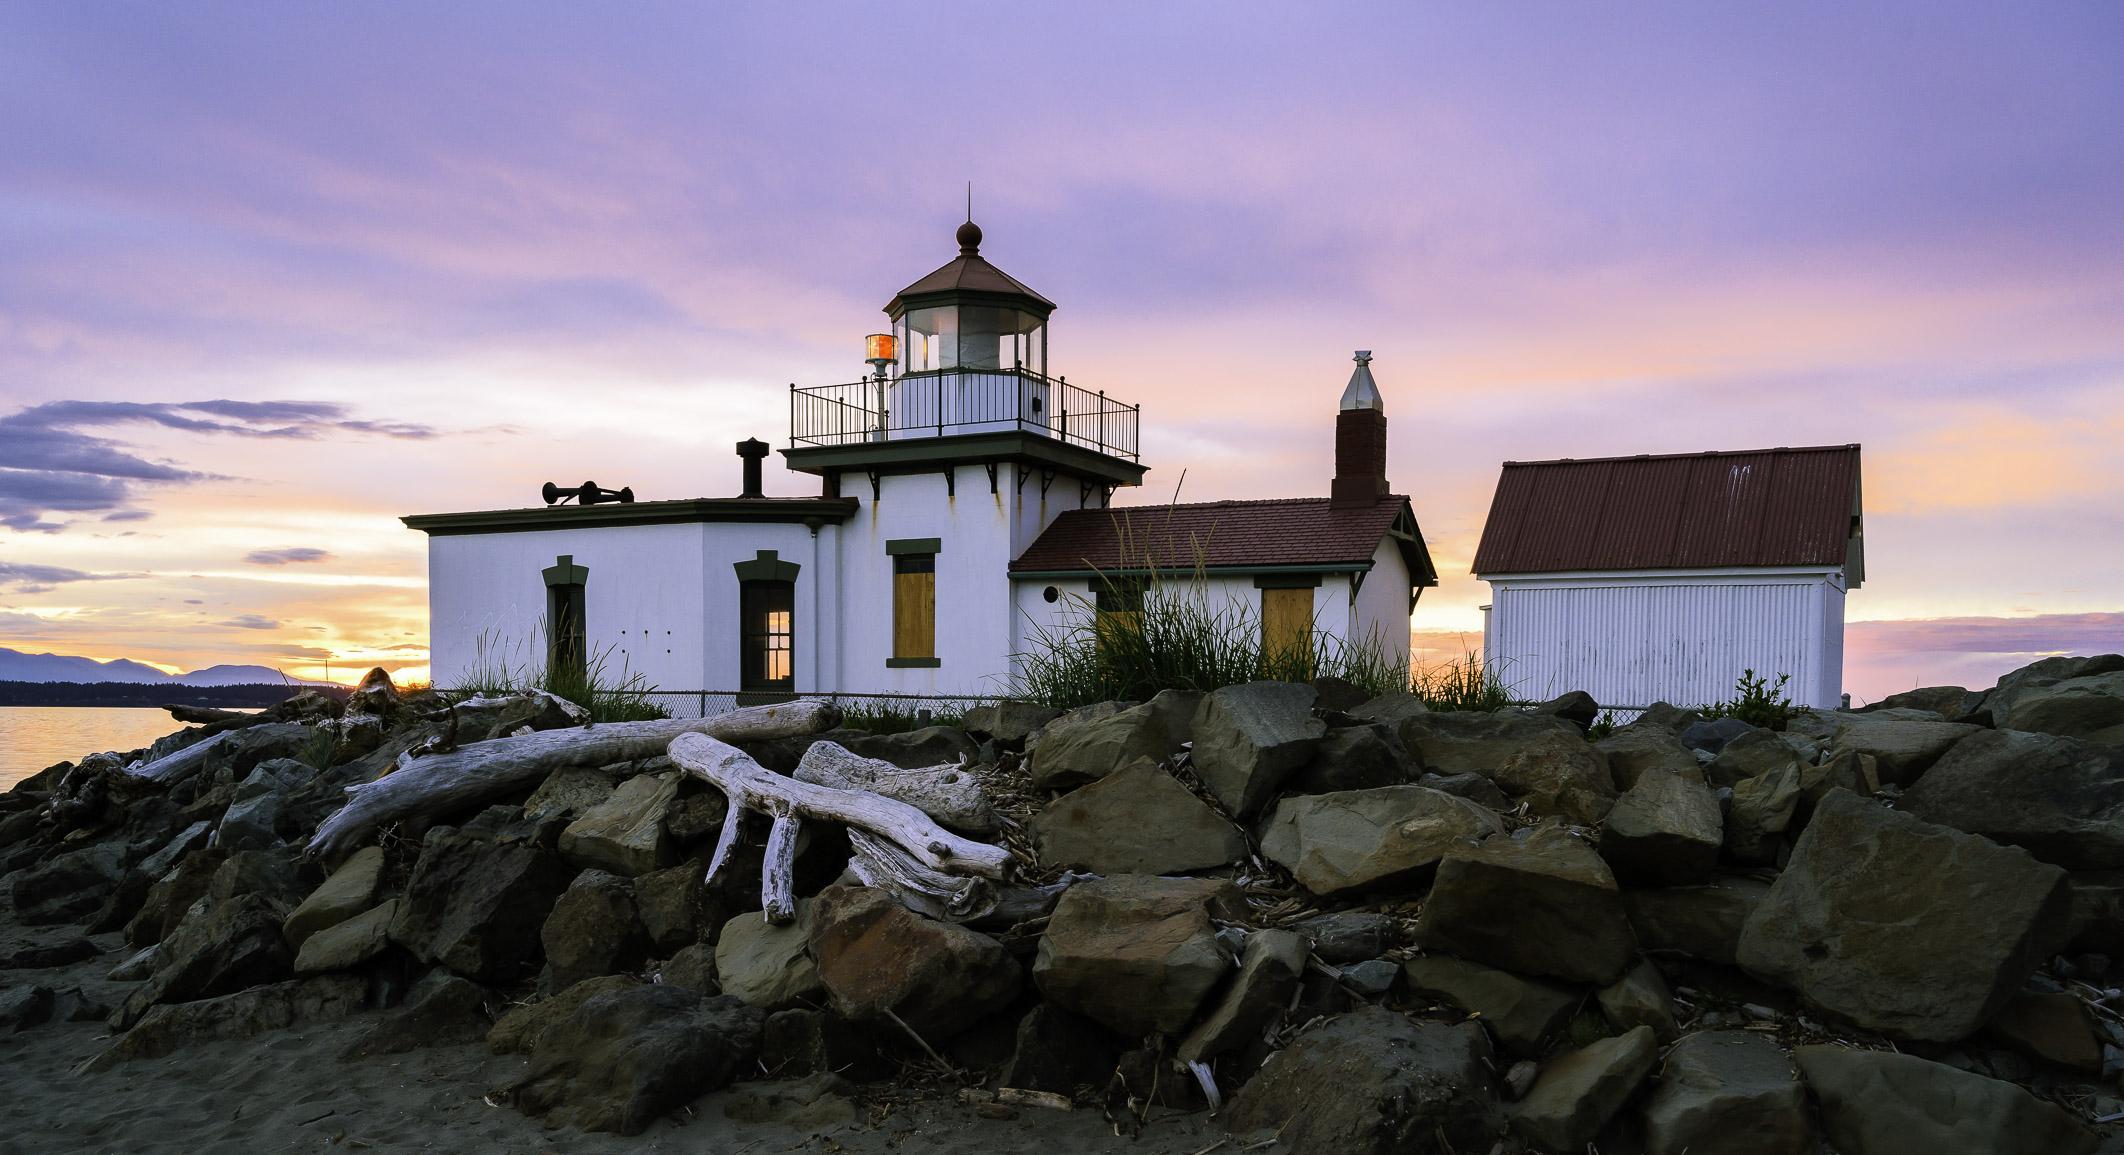 West Point Lighthouse, Seattle, Washington